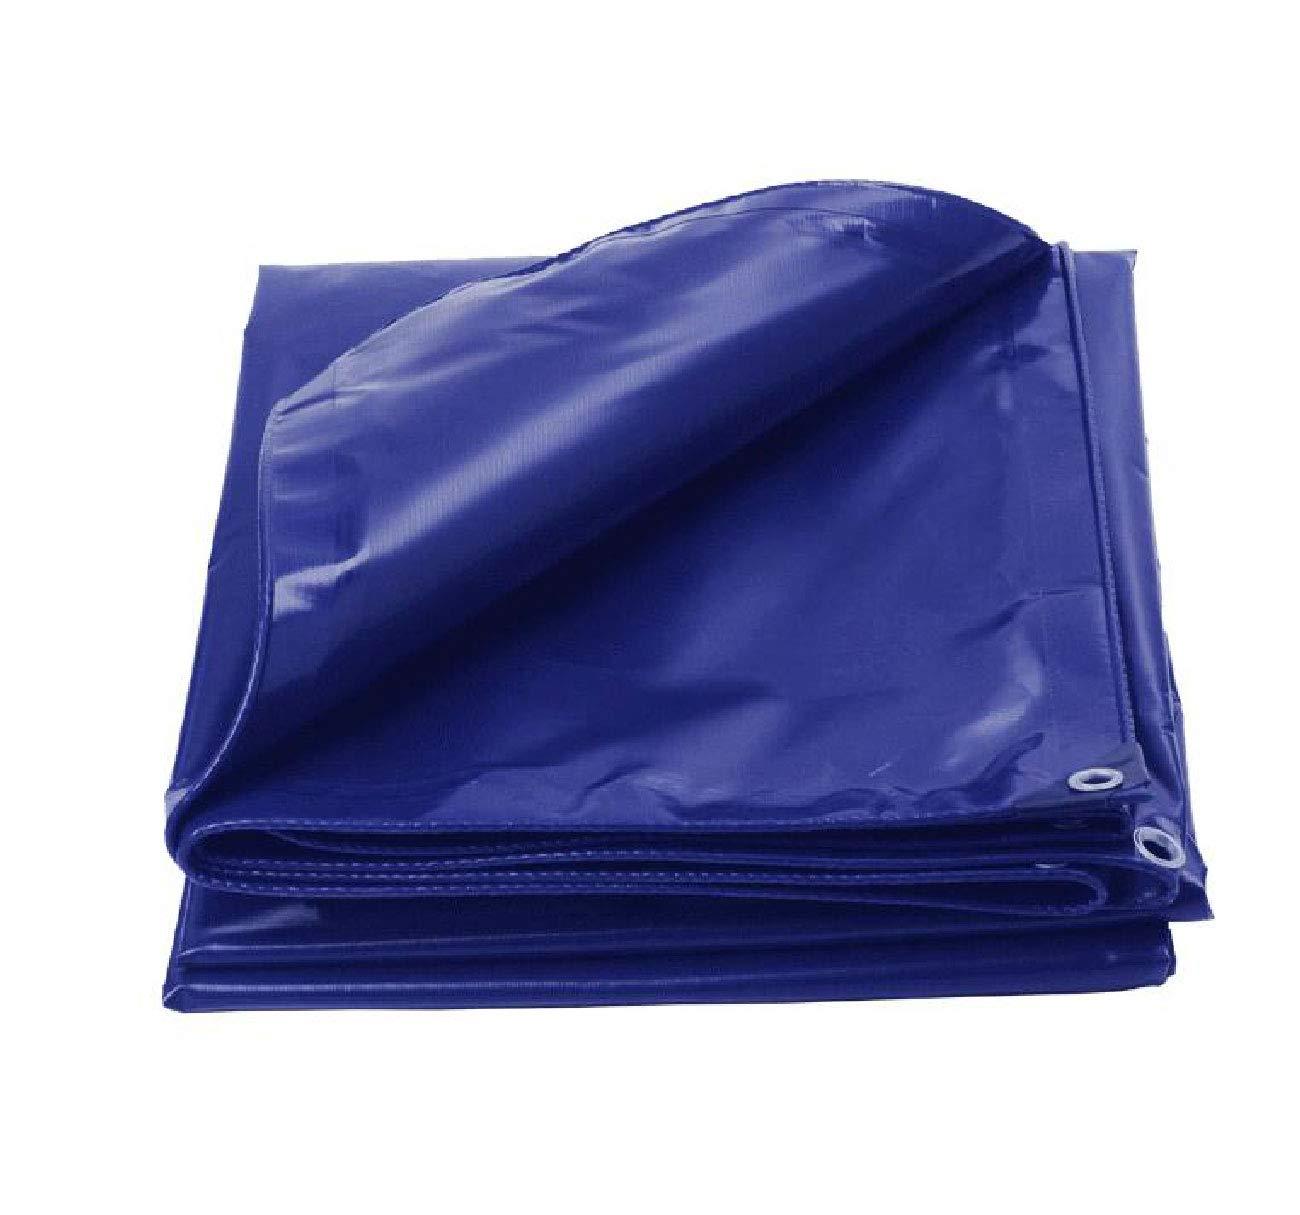 Regenschutztuch der Plane, starke abnutzungsBesteändige LKW-Plane des großen LKWs wasserdichtes Tuch des wasserdichten Planes Sonnenschutzmittelsegeltuch-Ölgewebe-Markisenstoff-Sonnenschutztuch